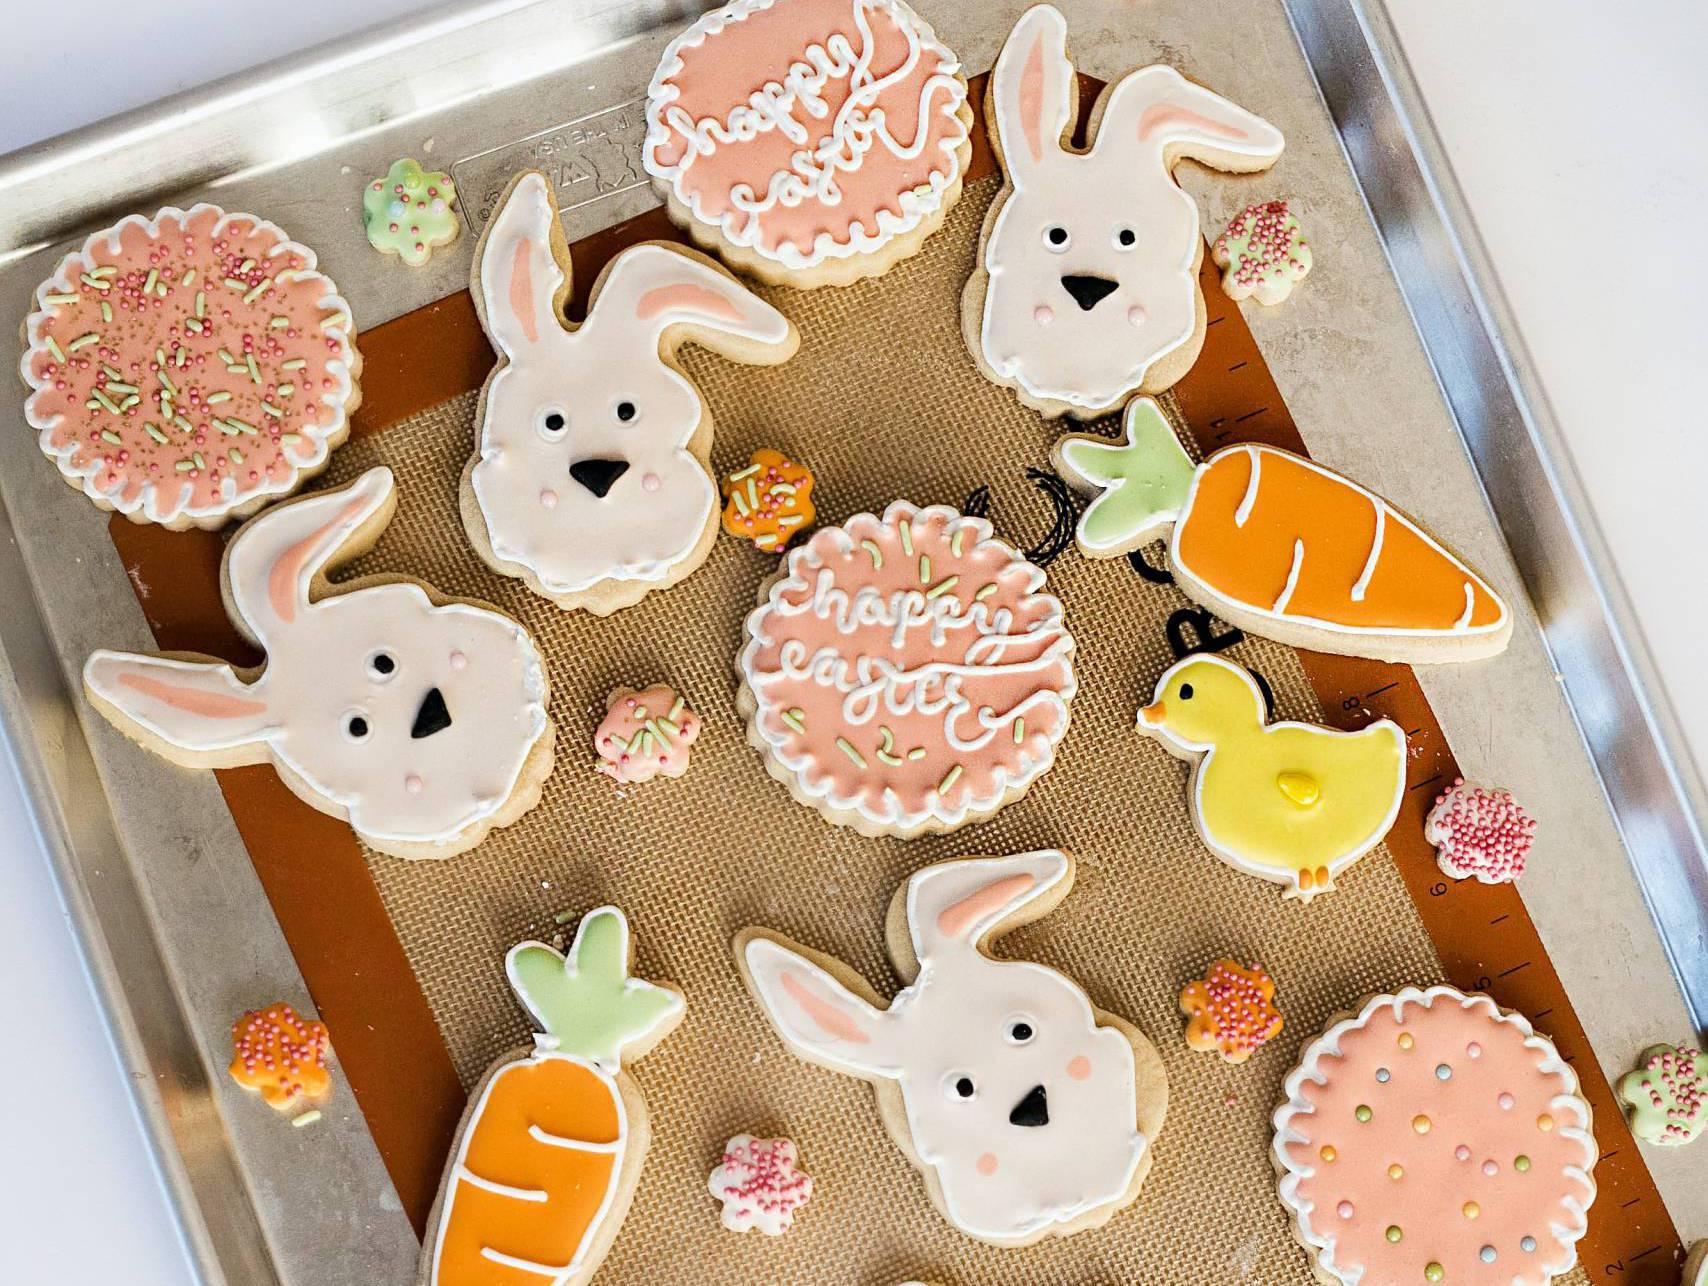 Bastel- und Geschenkideen für Ostern